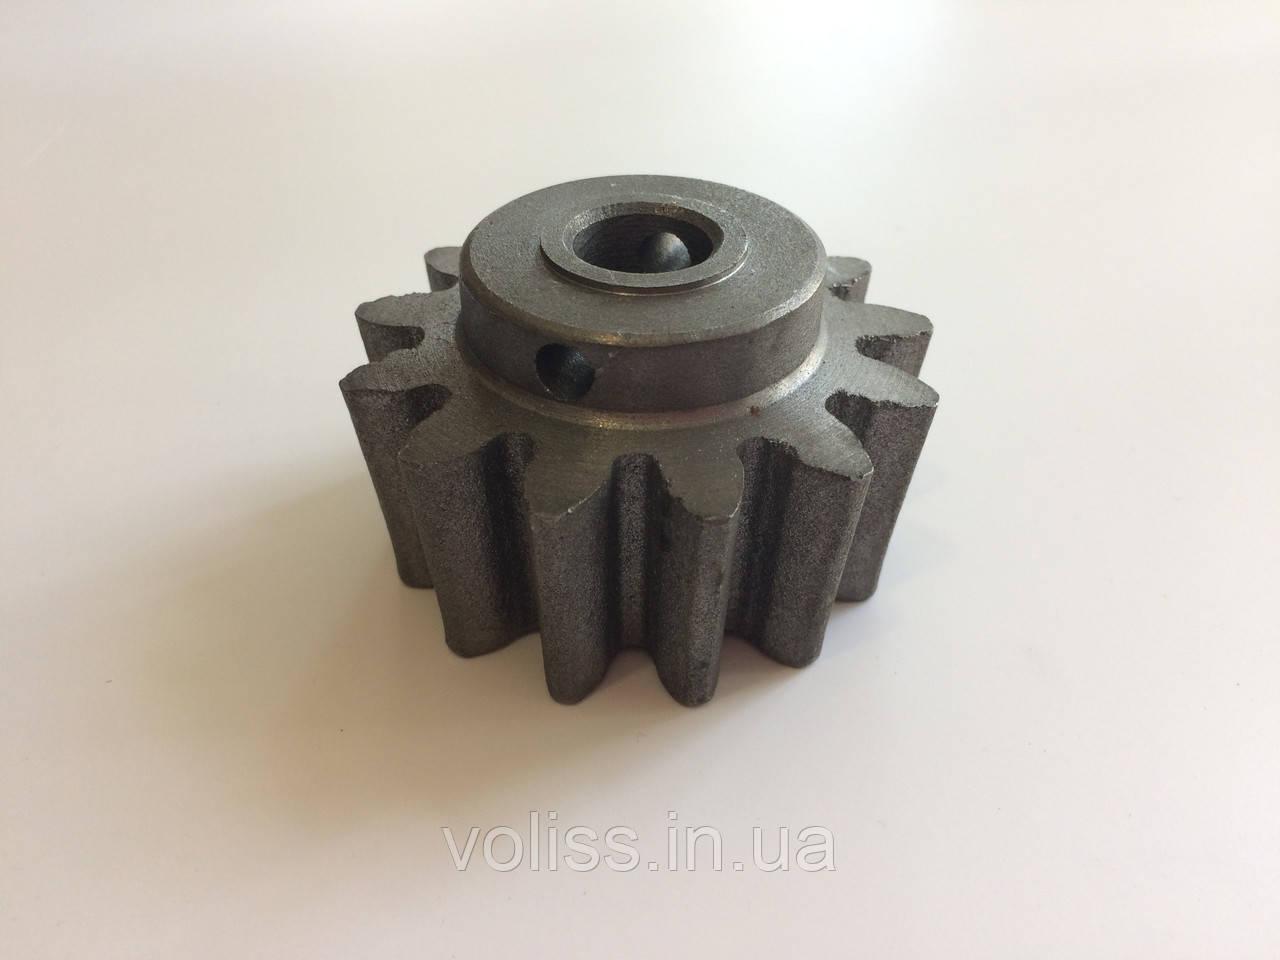 Шестерня на бетономешалку Agrimotor (Венгрия) 130,155л